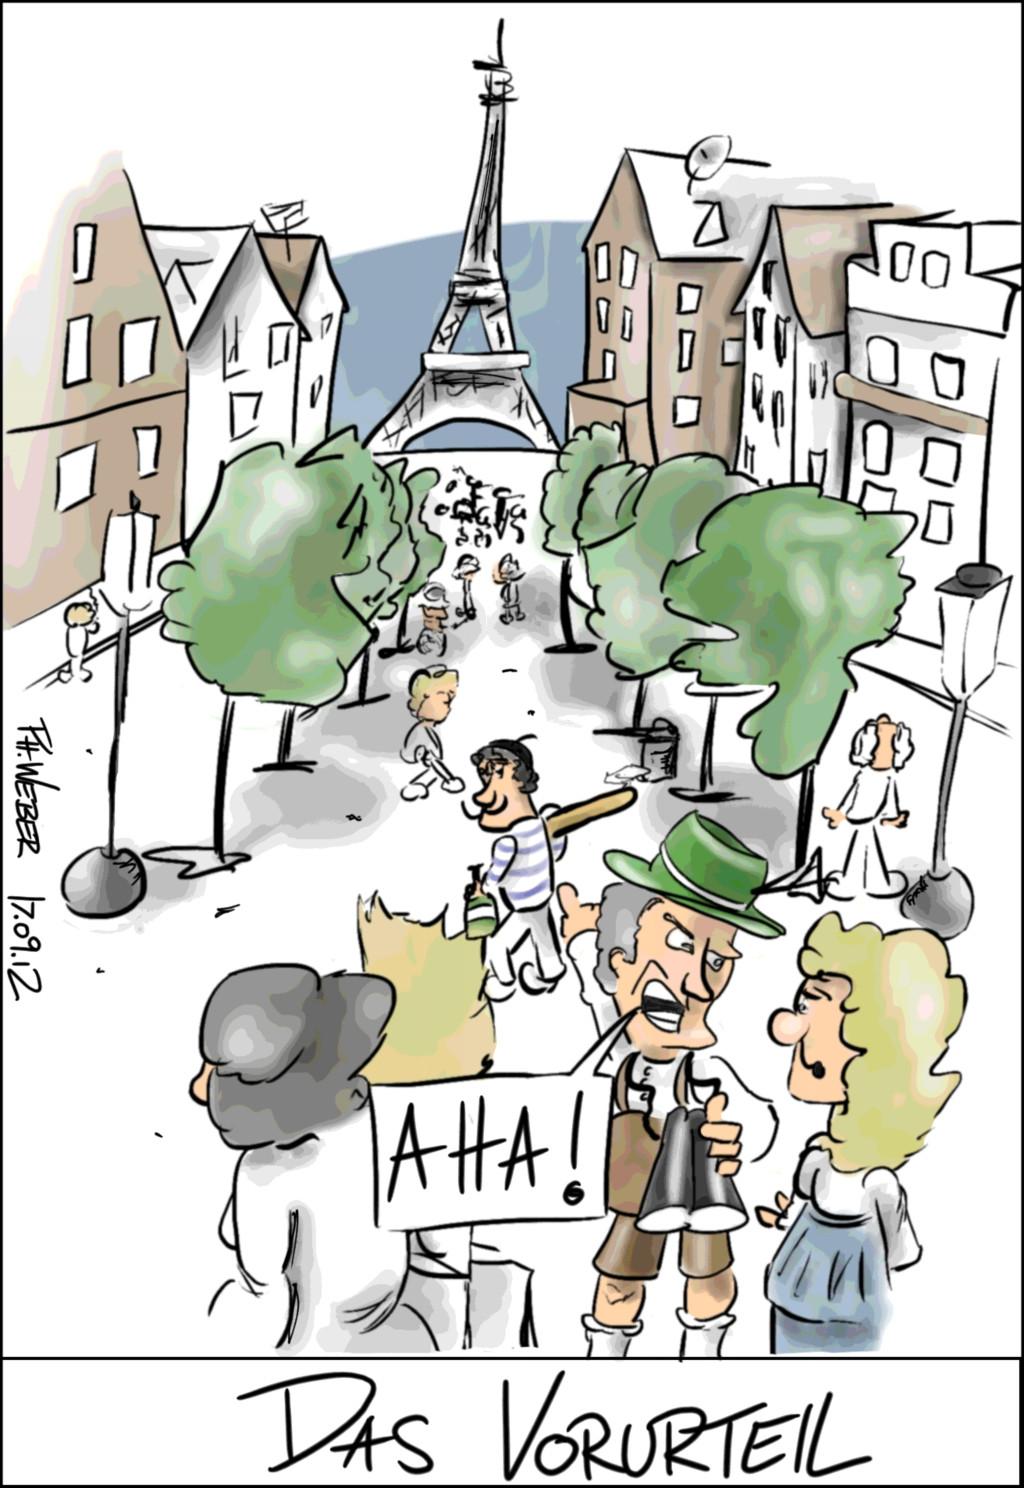 Ein Bayer sieht einen Franzosen mit Hut